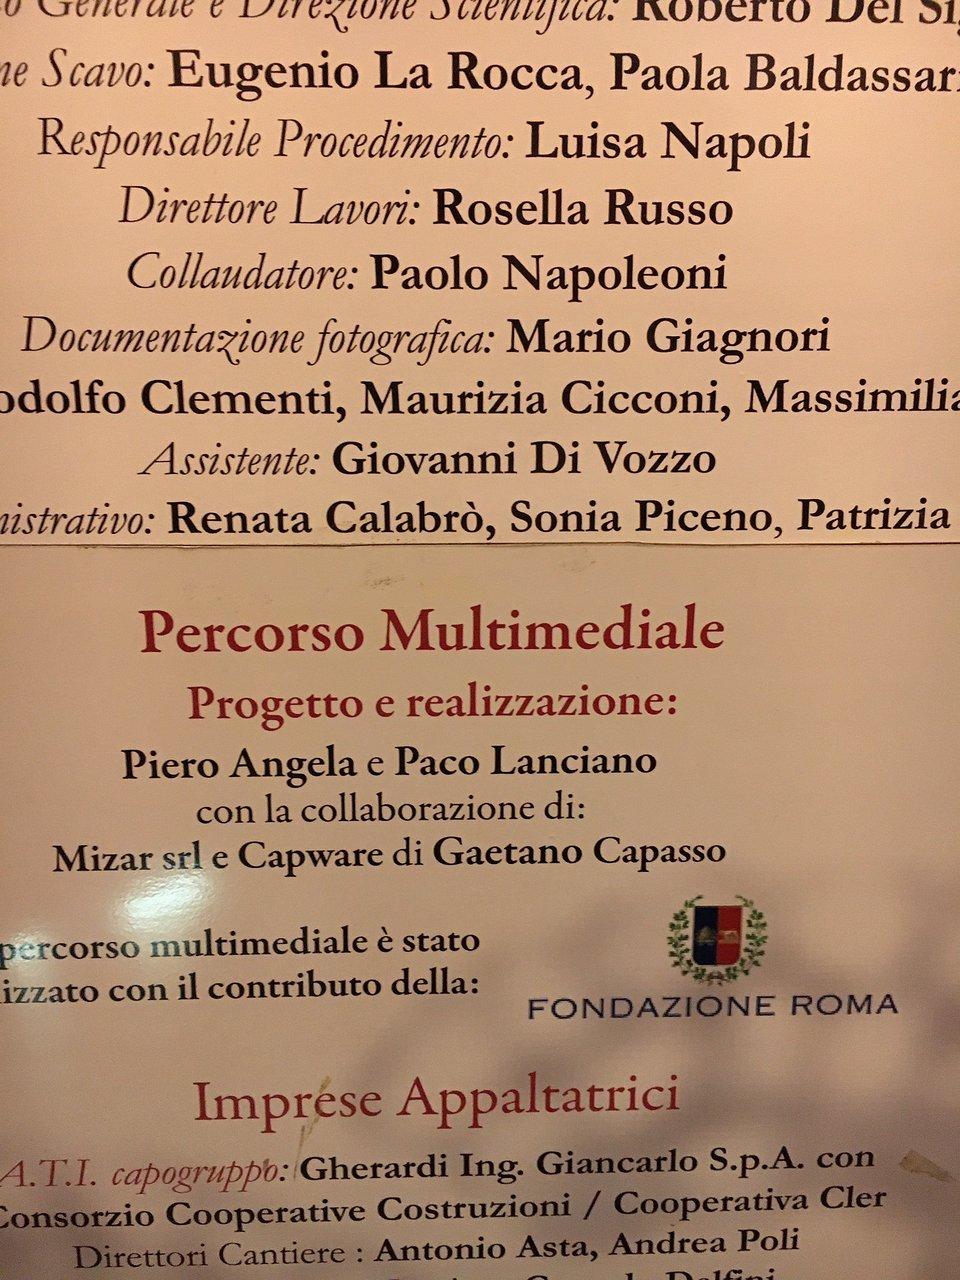 Imprese Di Costruzioni Roma palazzo valentini (rome) - 2020 all you need to know before